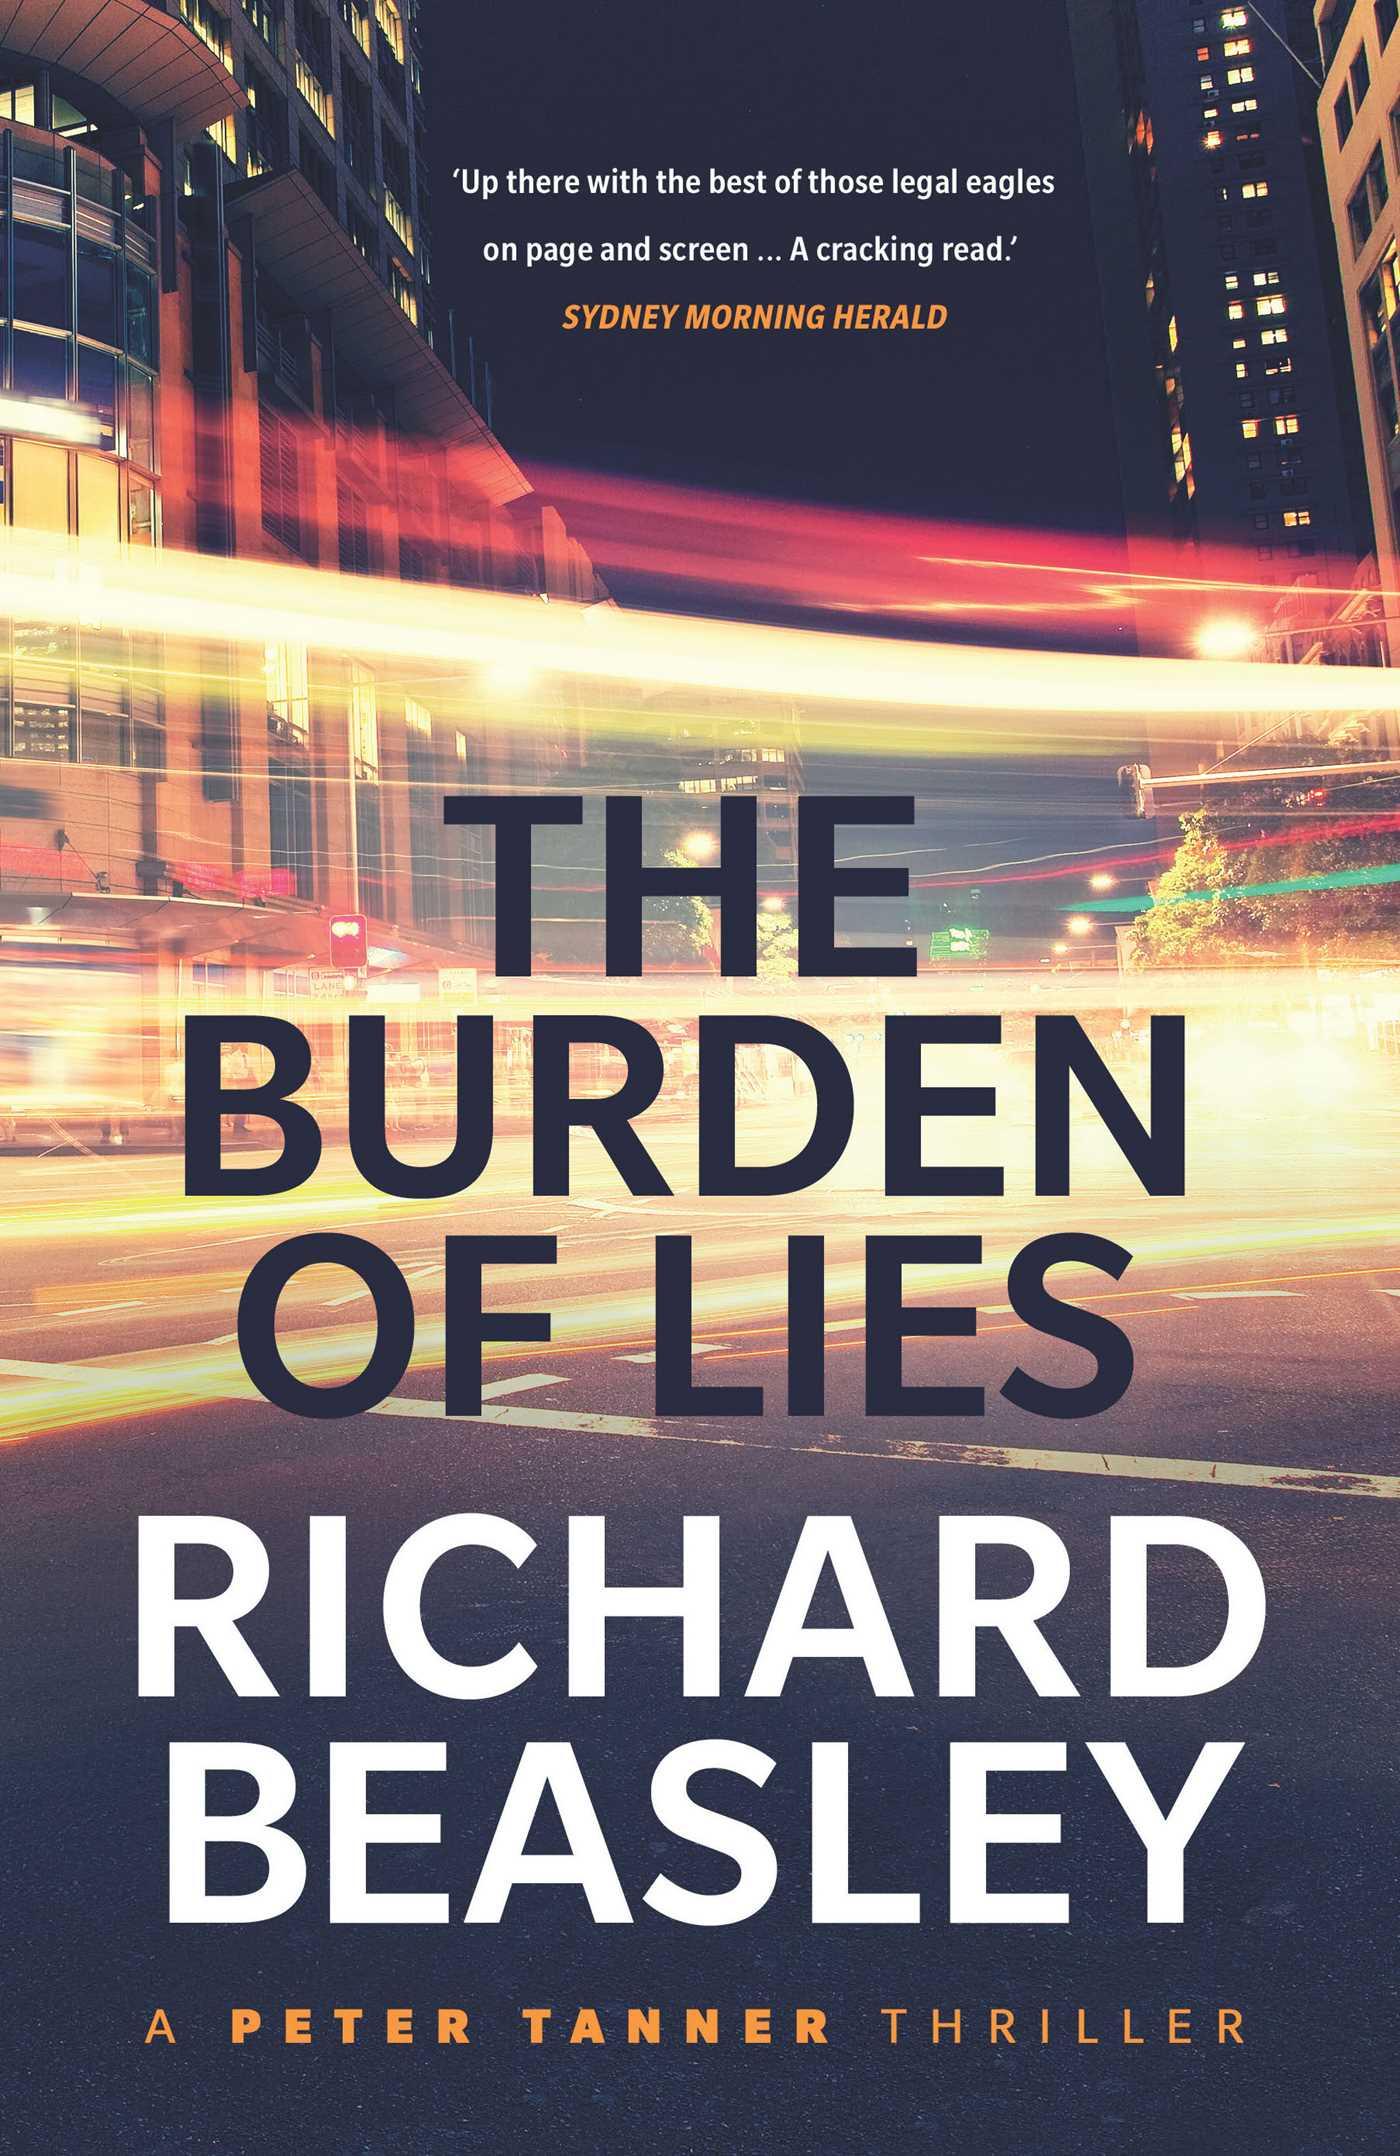 Burden of lies 9781925368154 hr